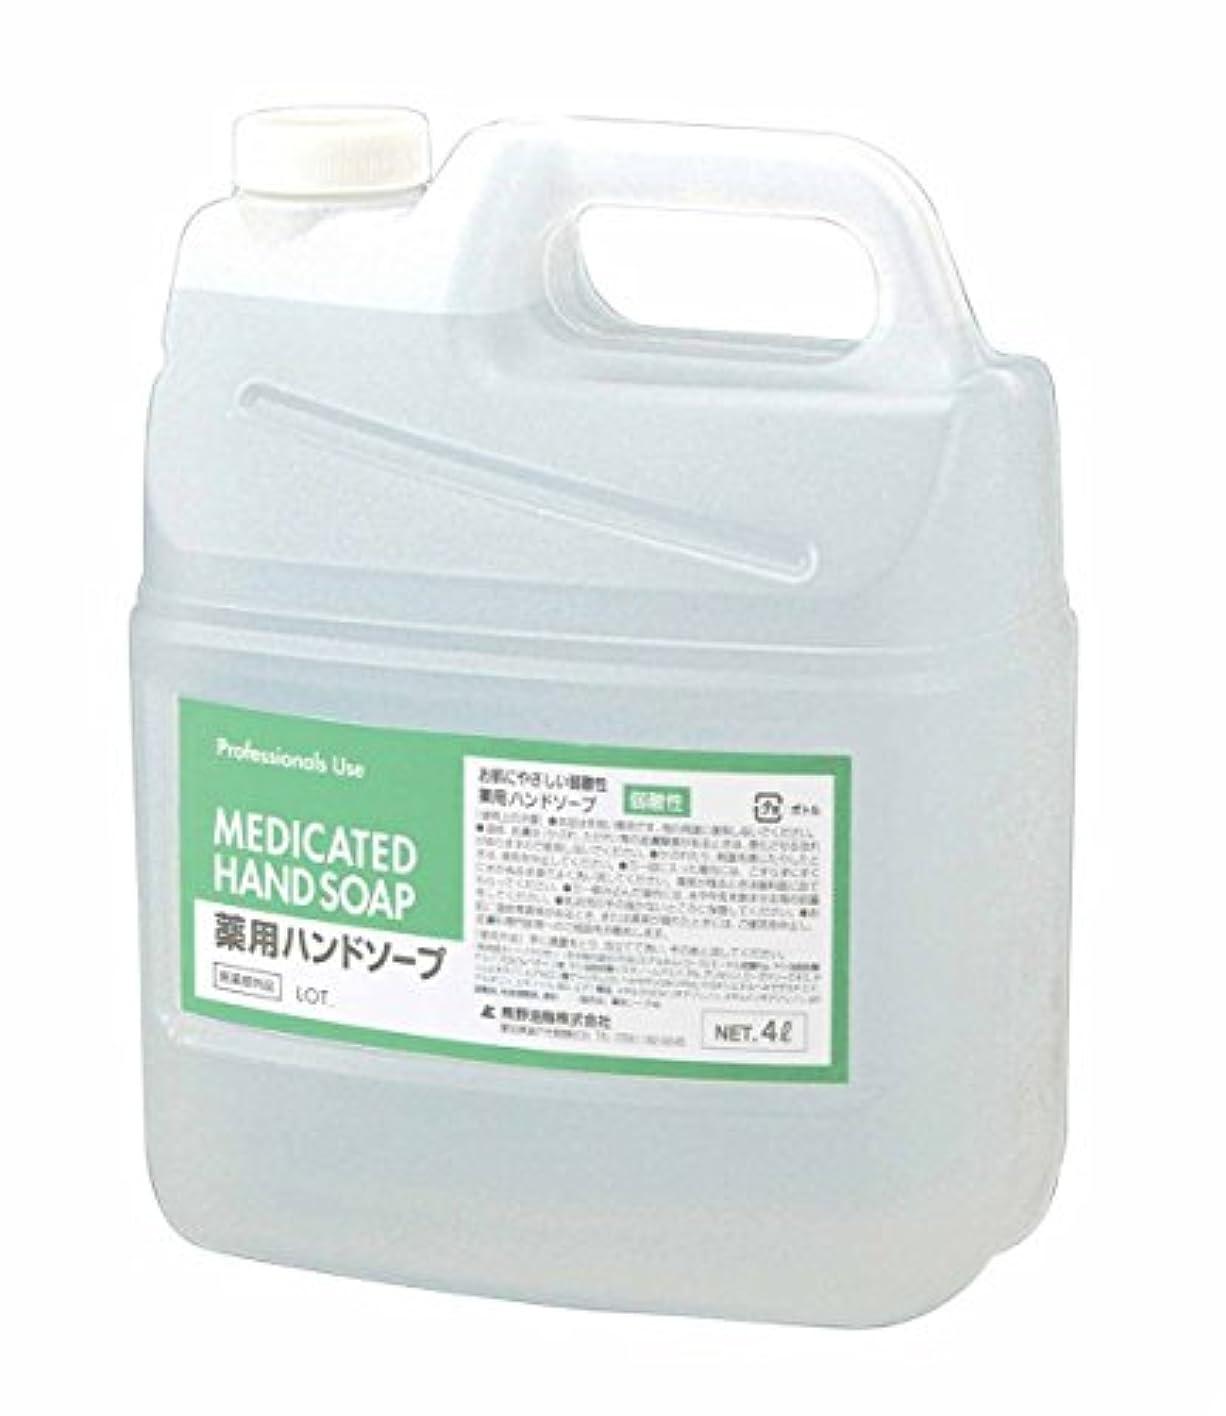 教えるスーパーマーケット放置ファーマアクト 弱酸性薬用ハンドソープ 4L